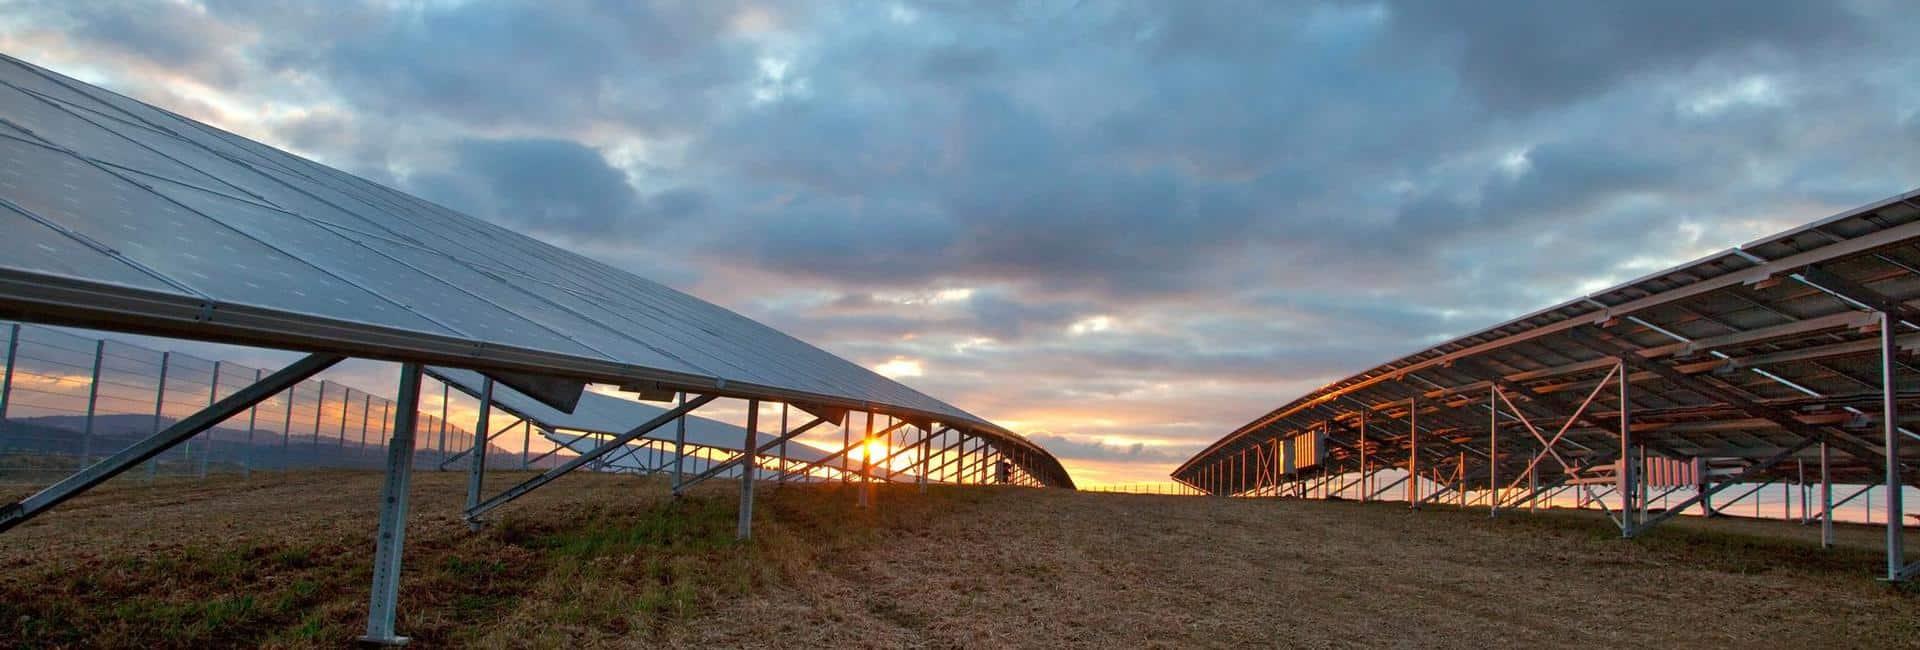 Photovoltaik-Freilandanlage in Plößberg bei Selb